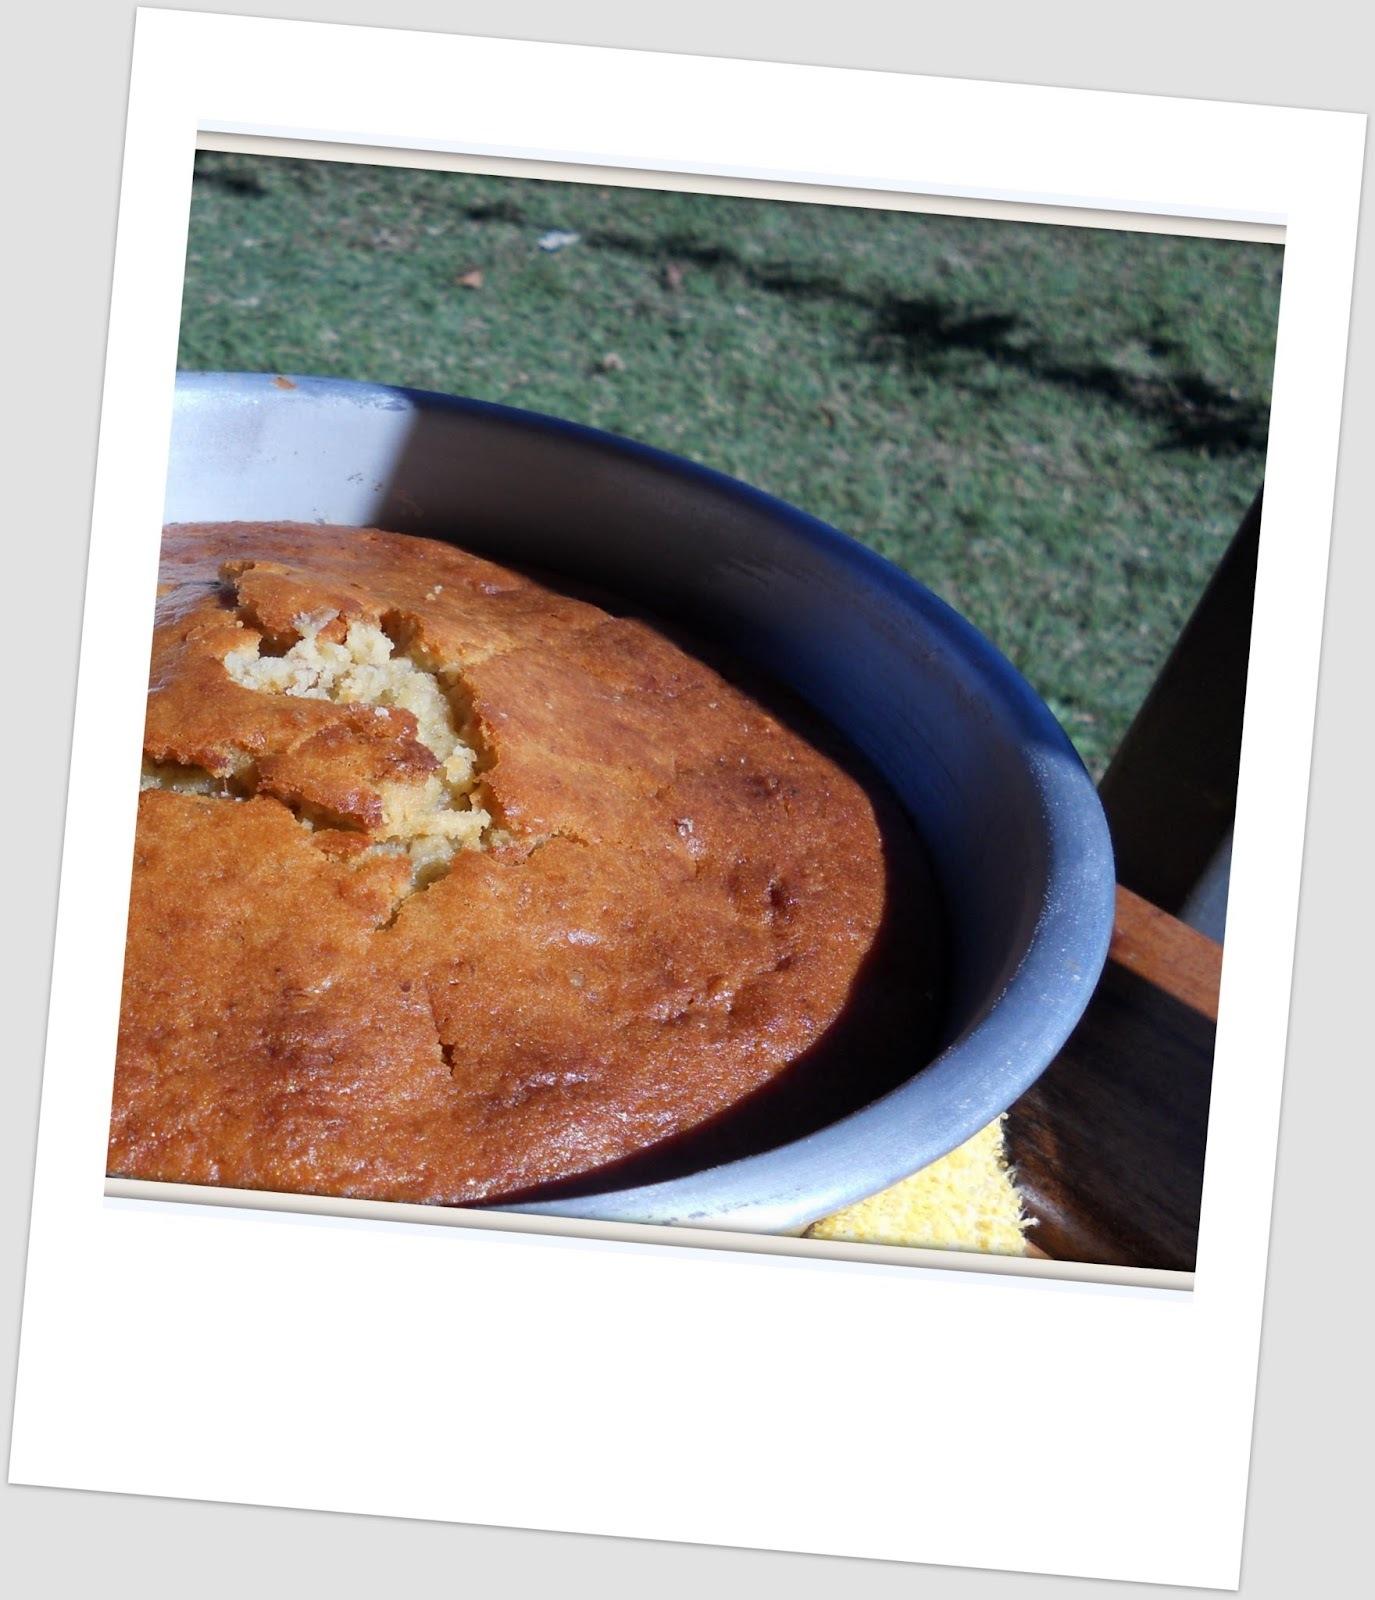 Torta de banana y nueces ... de la naturaleza y para (re)comenzar